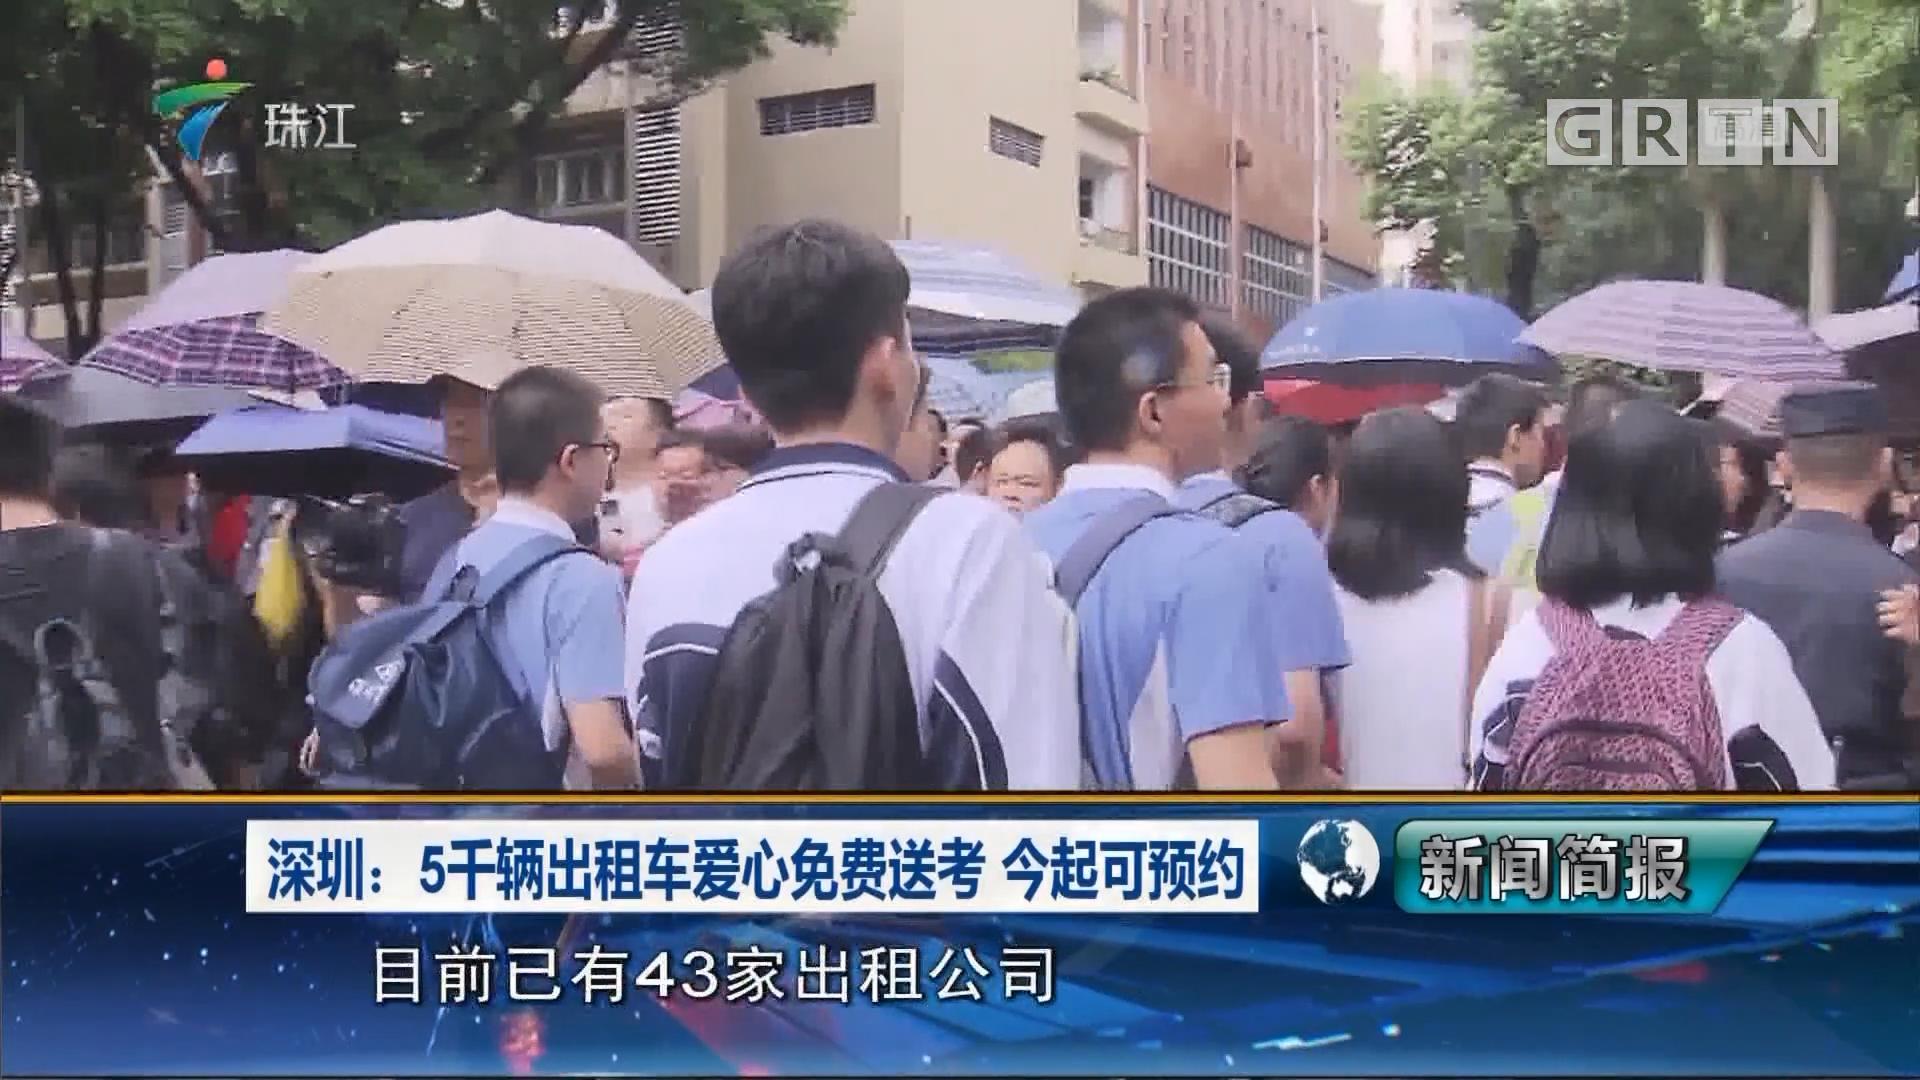 深圳:5千辆出租车爱心免费送考 今起可预约